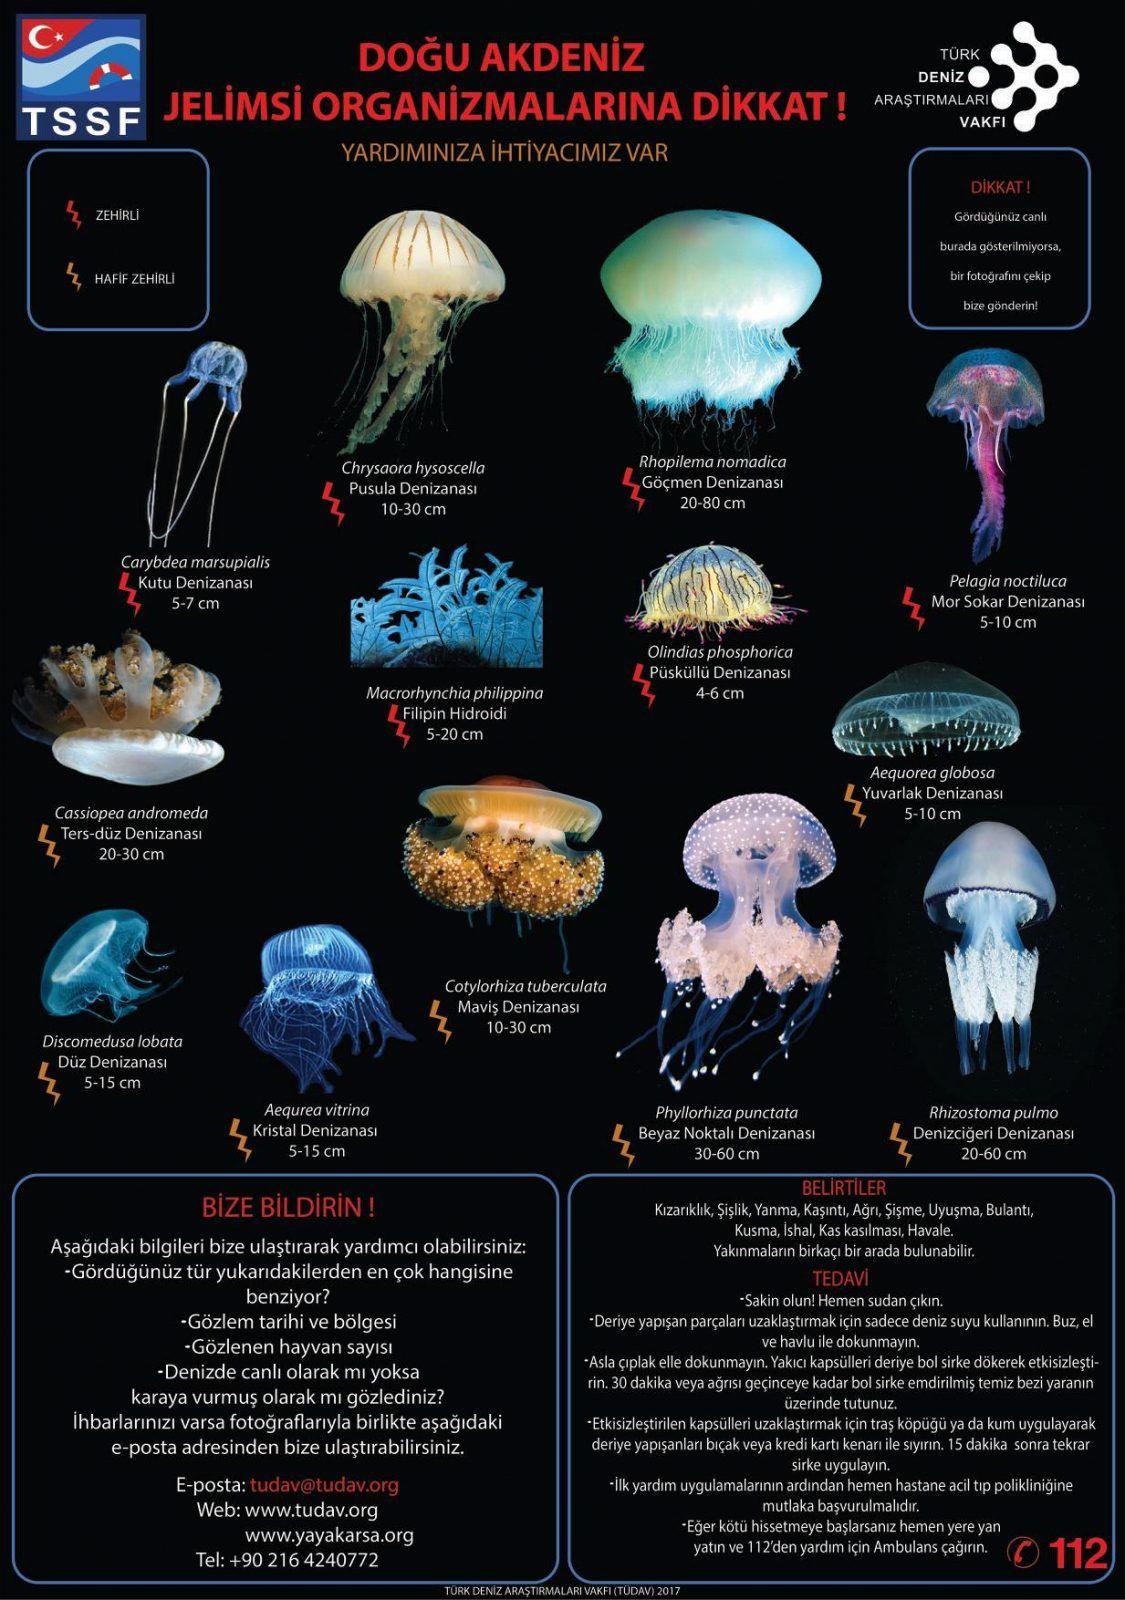 deniz-kultur - 1 3 - Doğu Akdeniz Deniz Anaları Referansı